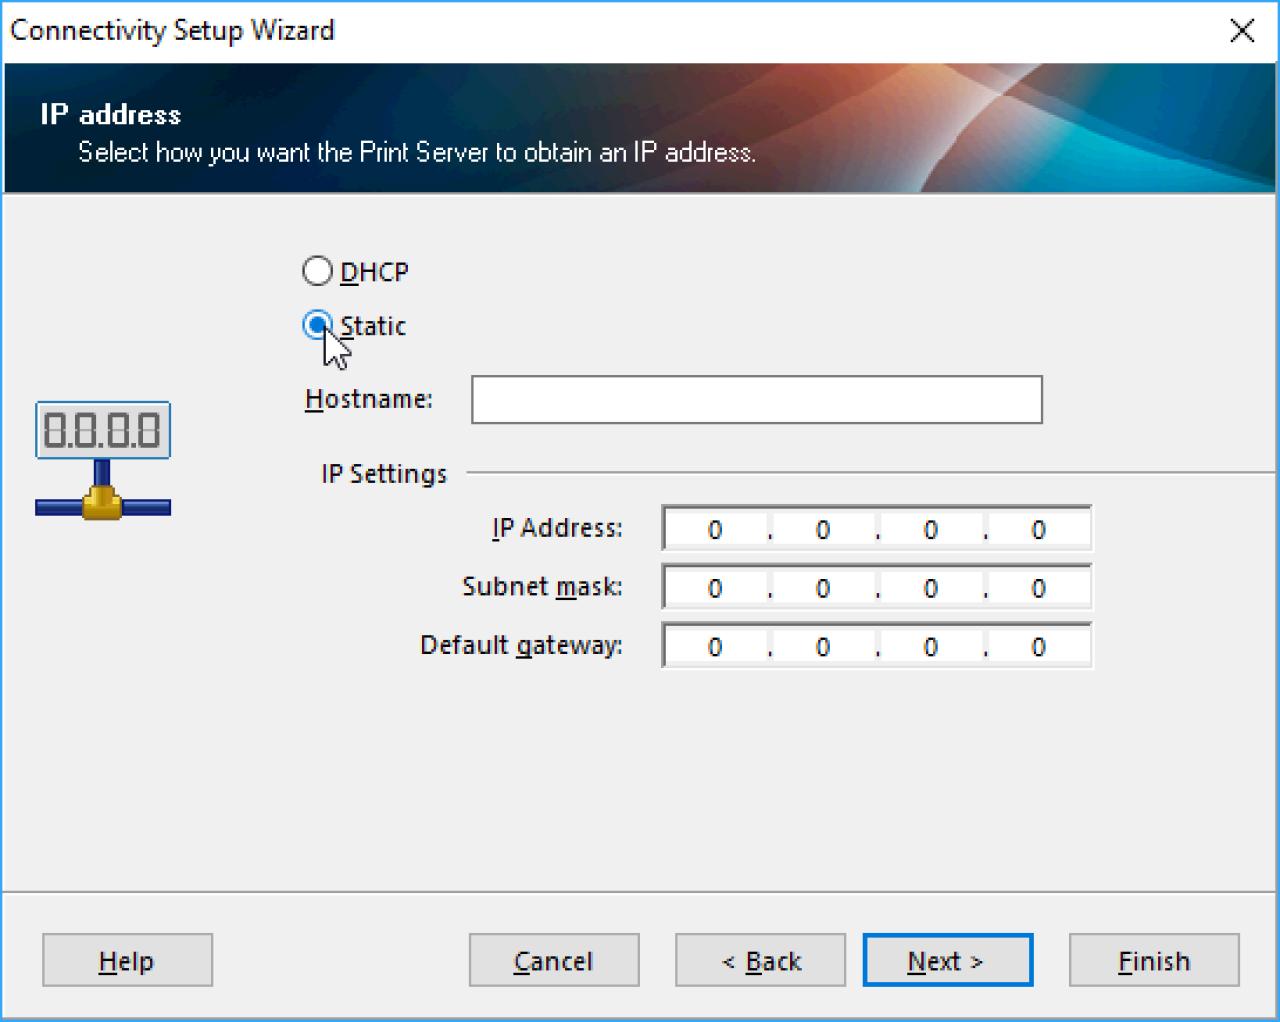 Статический экран настройки IP-адреса